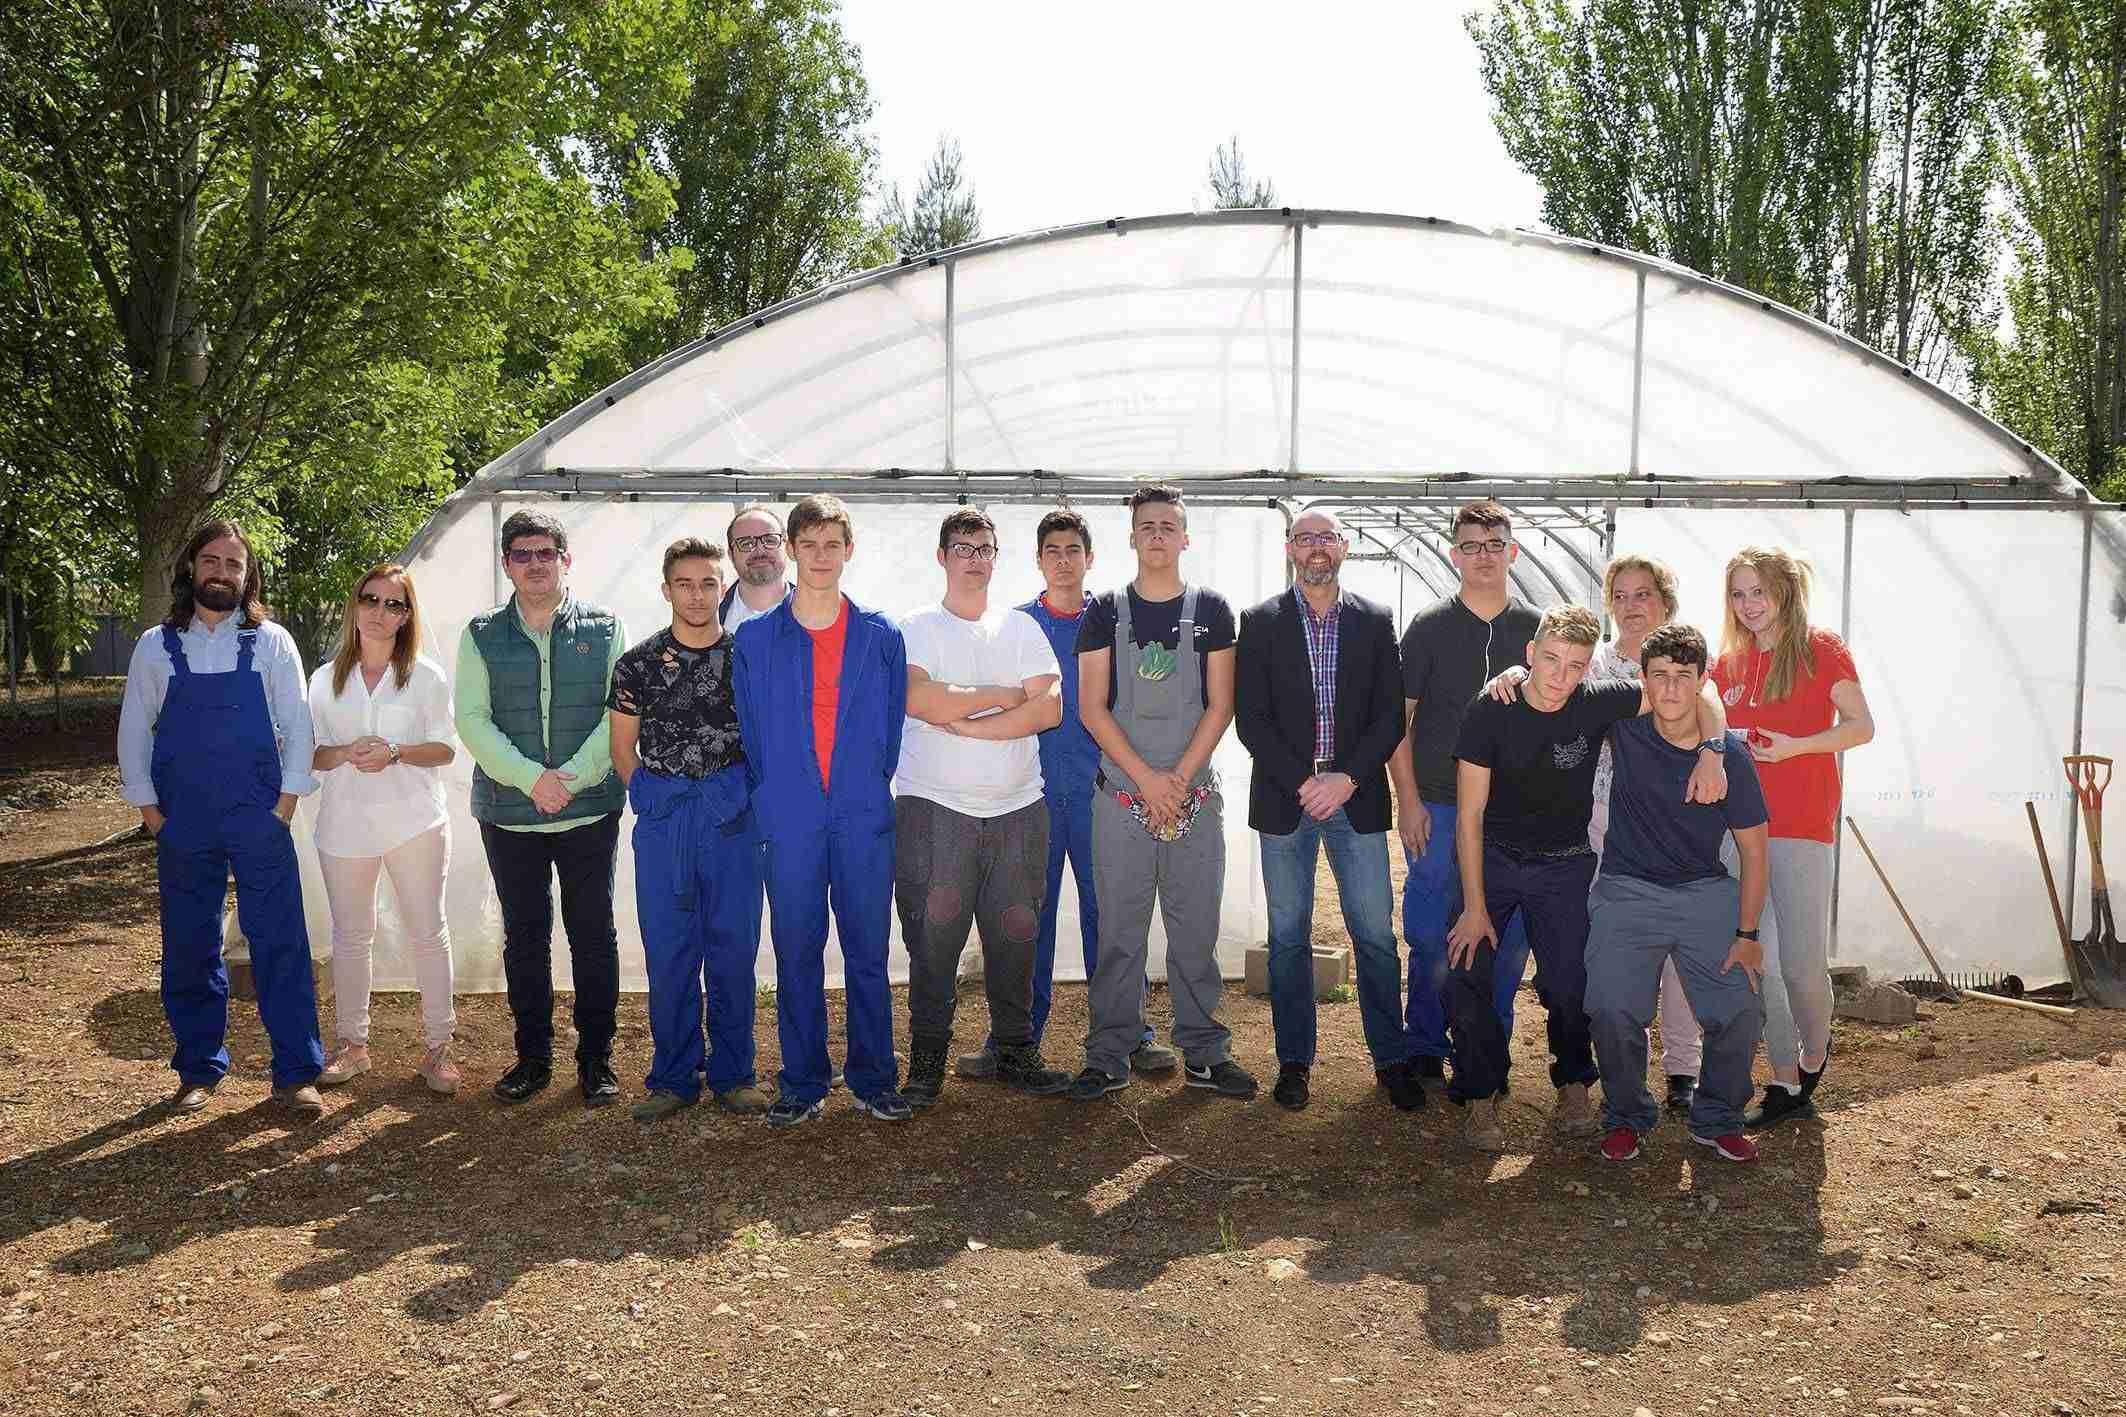 El alumnado de agro-jardinería del IES Vicente Cano utilizará el invernadero cedido por el Ayuntamiento de Argamasilla 1